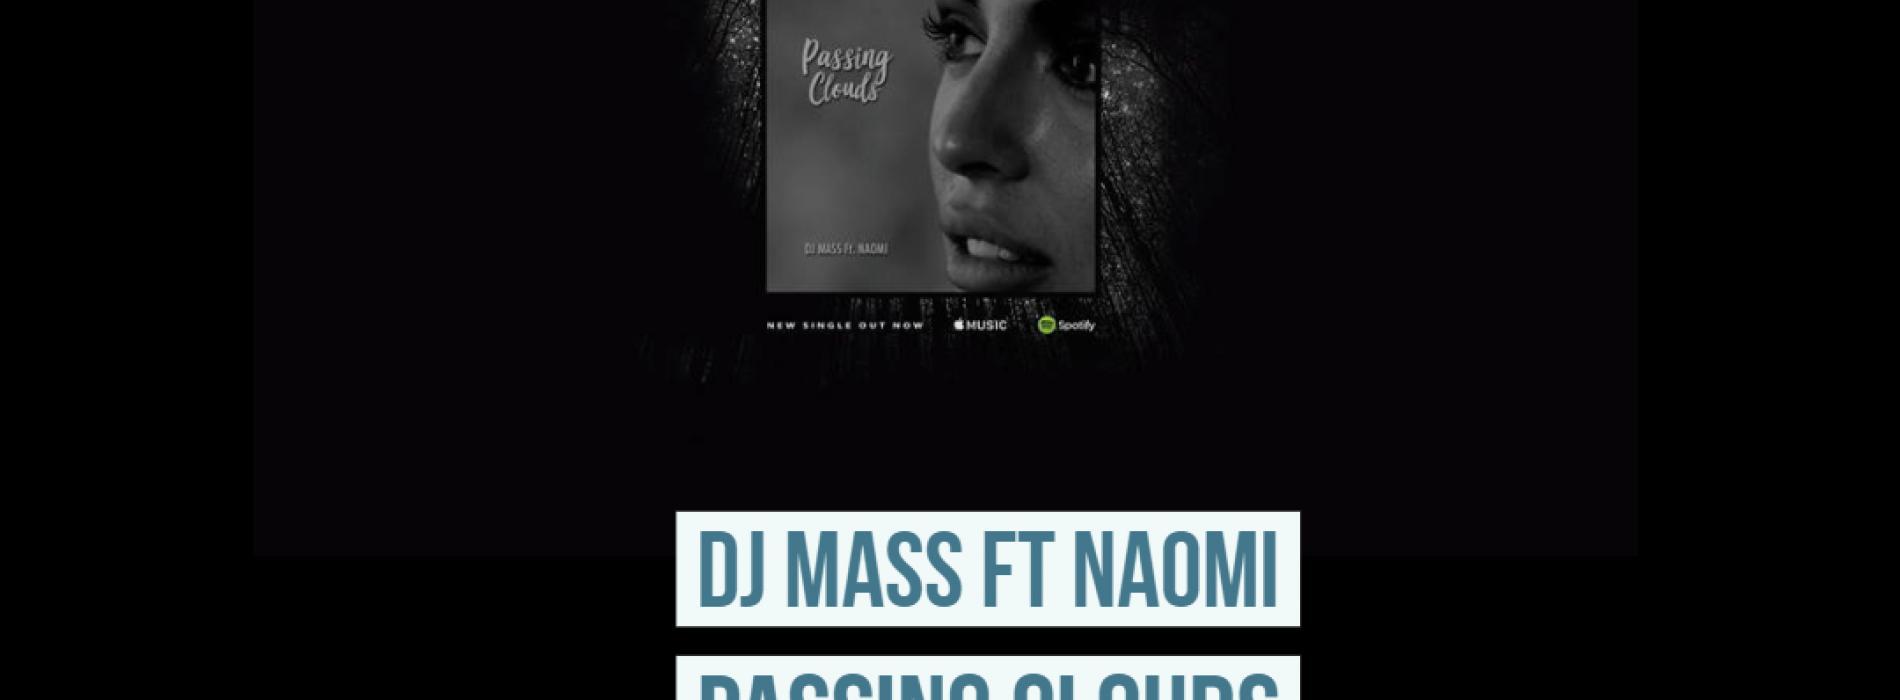 DJ Mass Ft Naomi – Passing Clouds